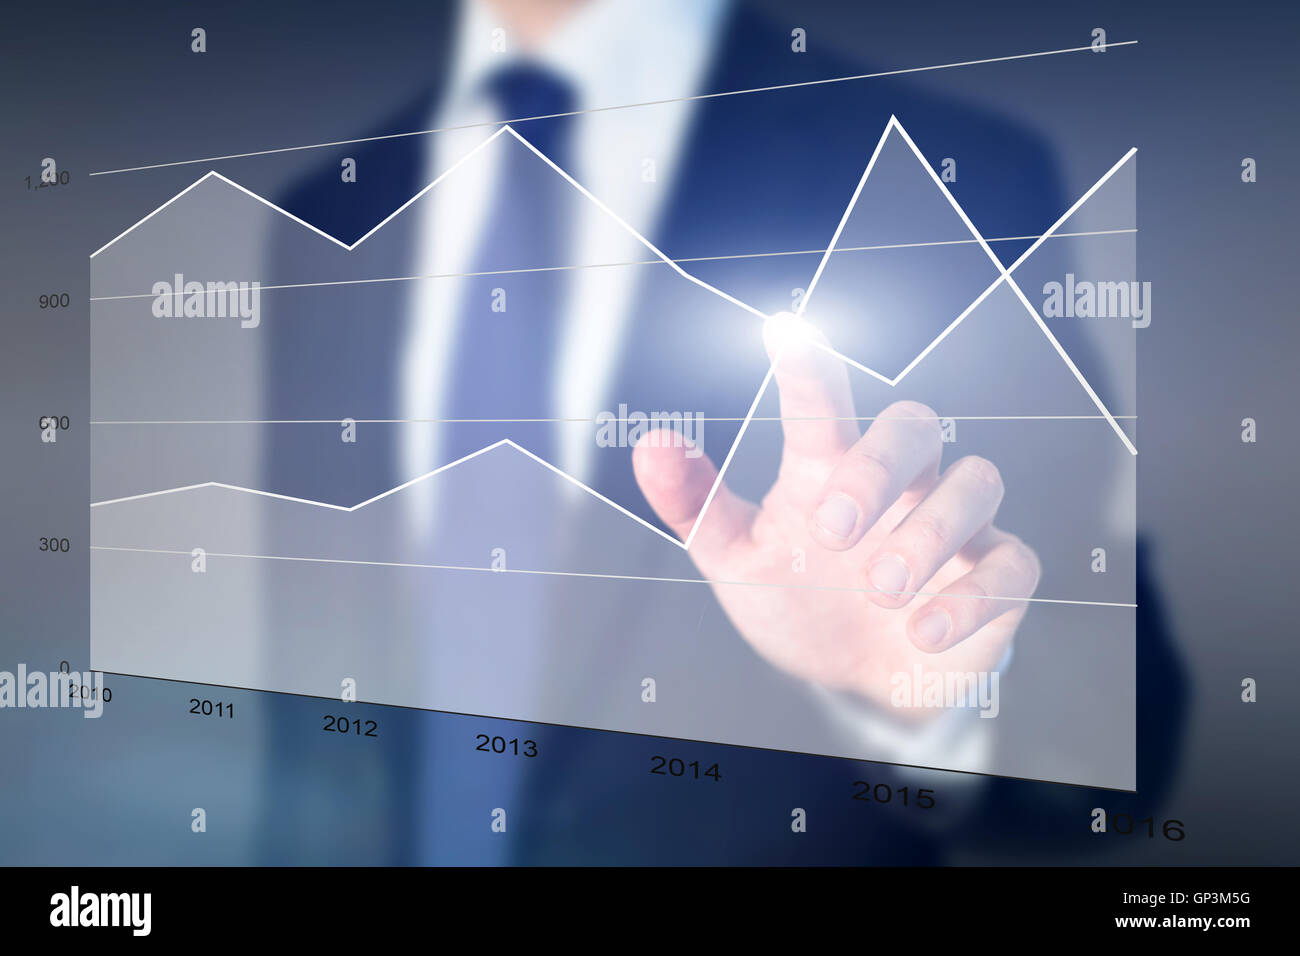 Les ventes et les dépenses, les performances de l'analytics Photo Stock